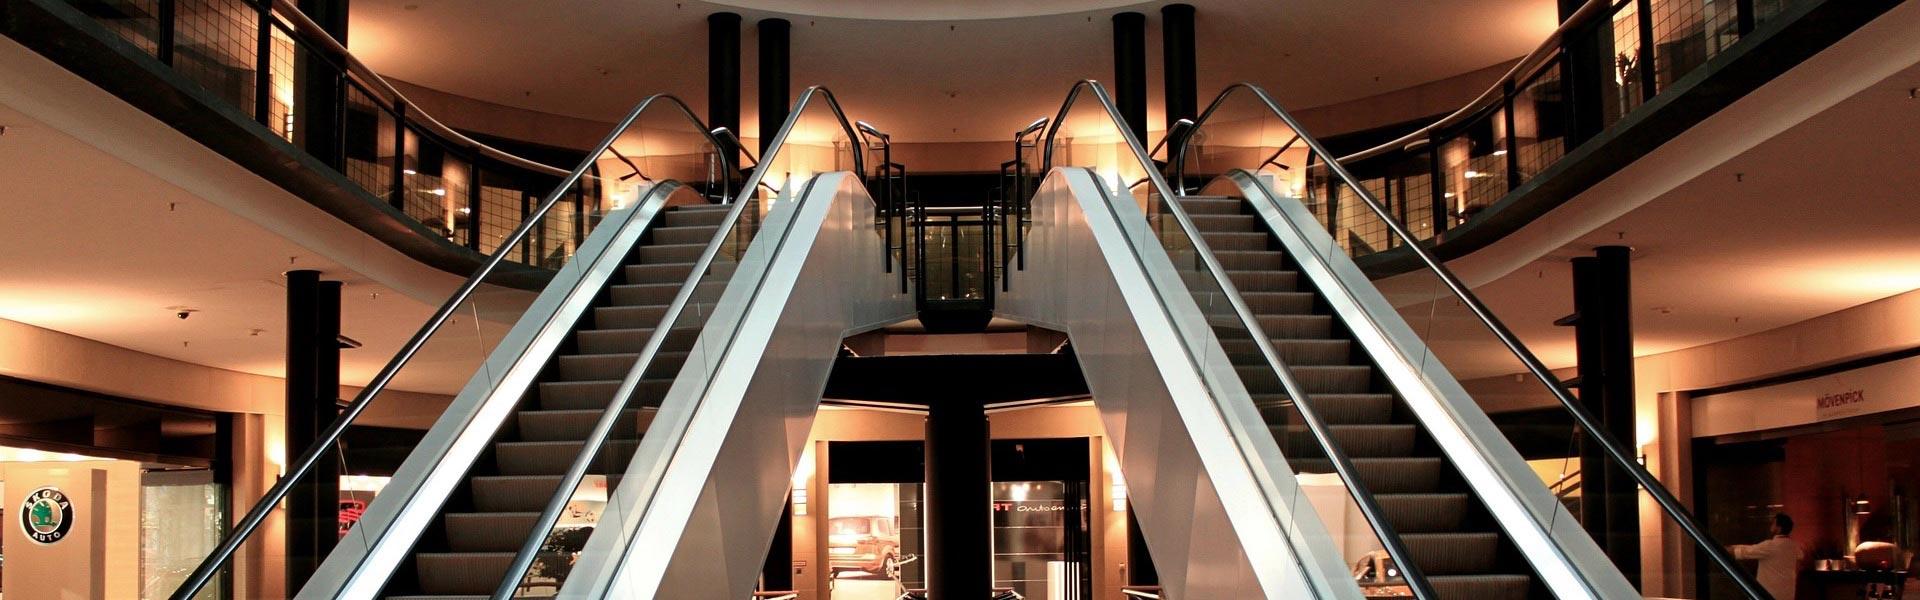 limcom limpieza escaleras